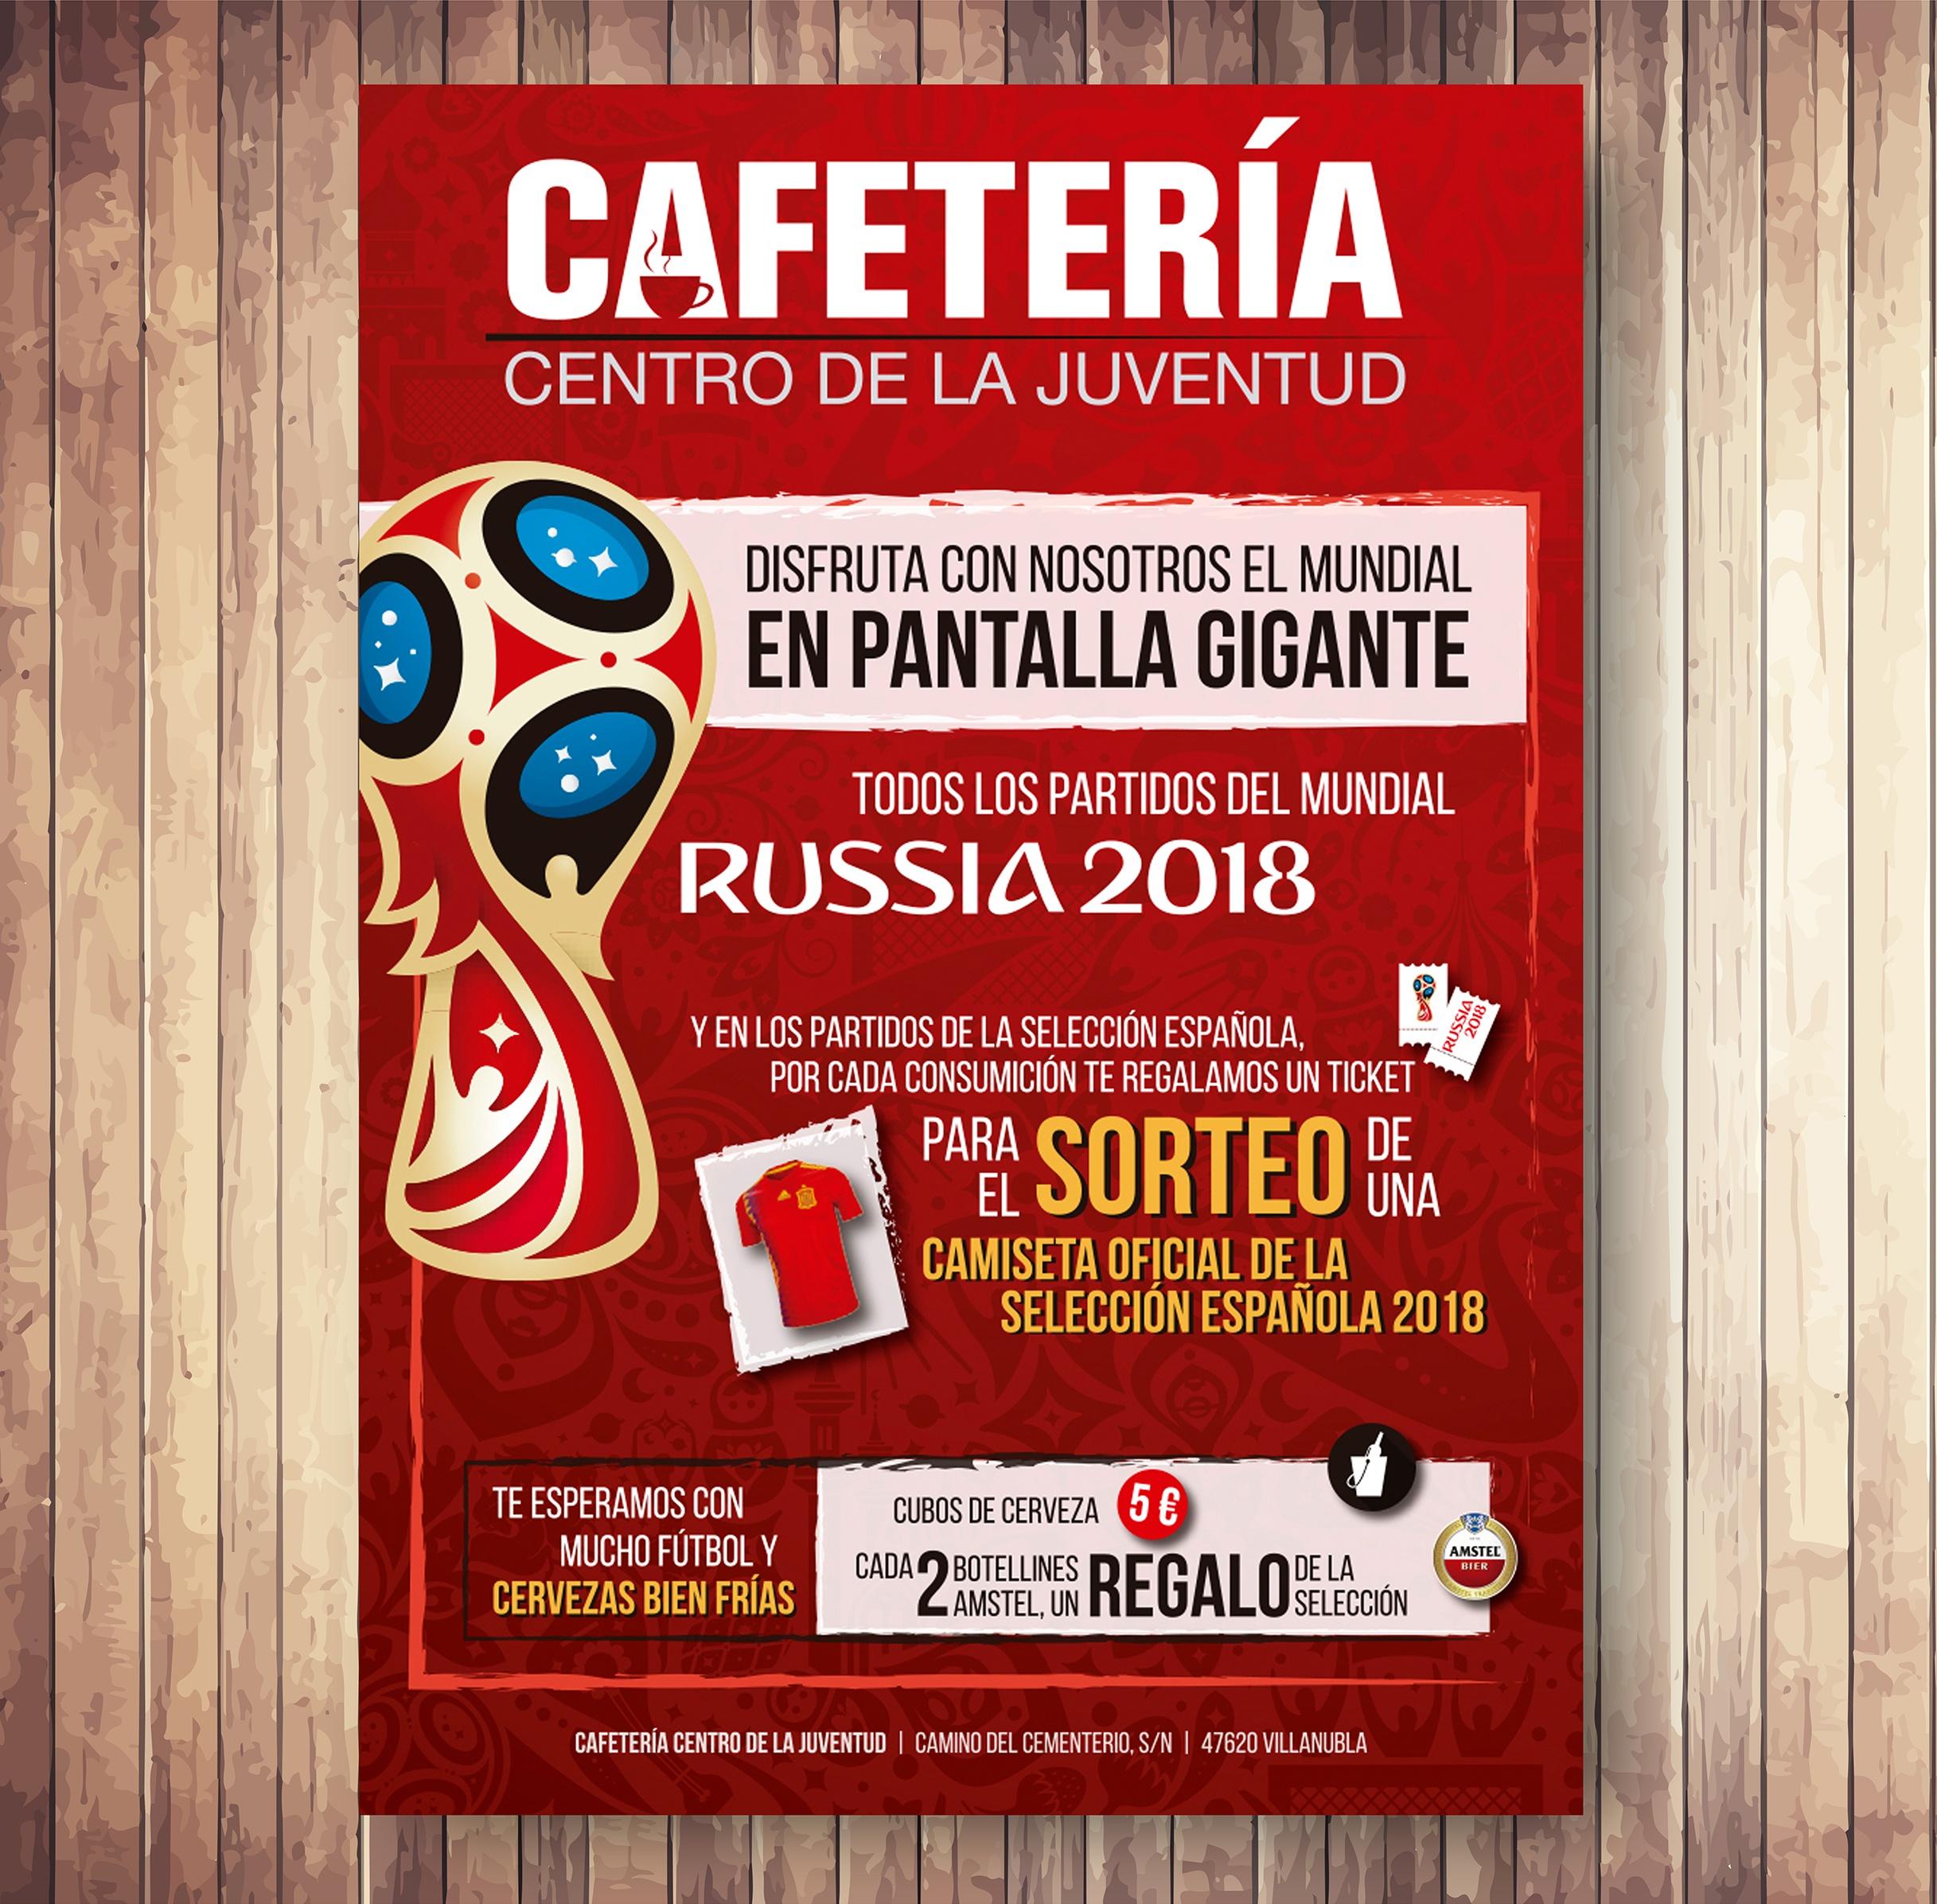 Cartel Mundial para Cafetería del Centro de Juventud